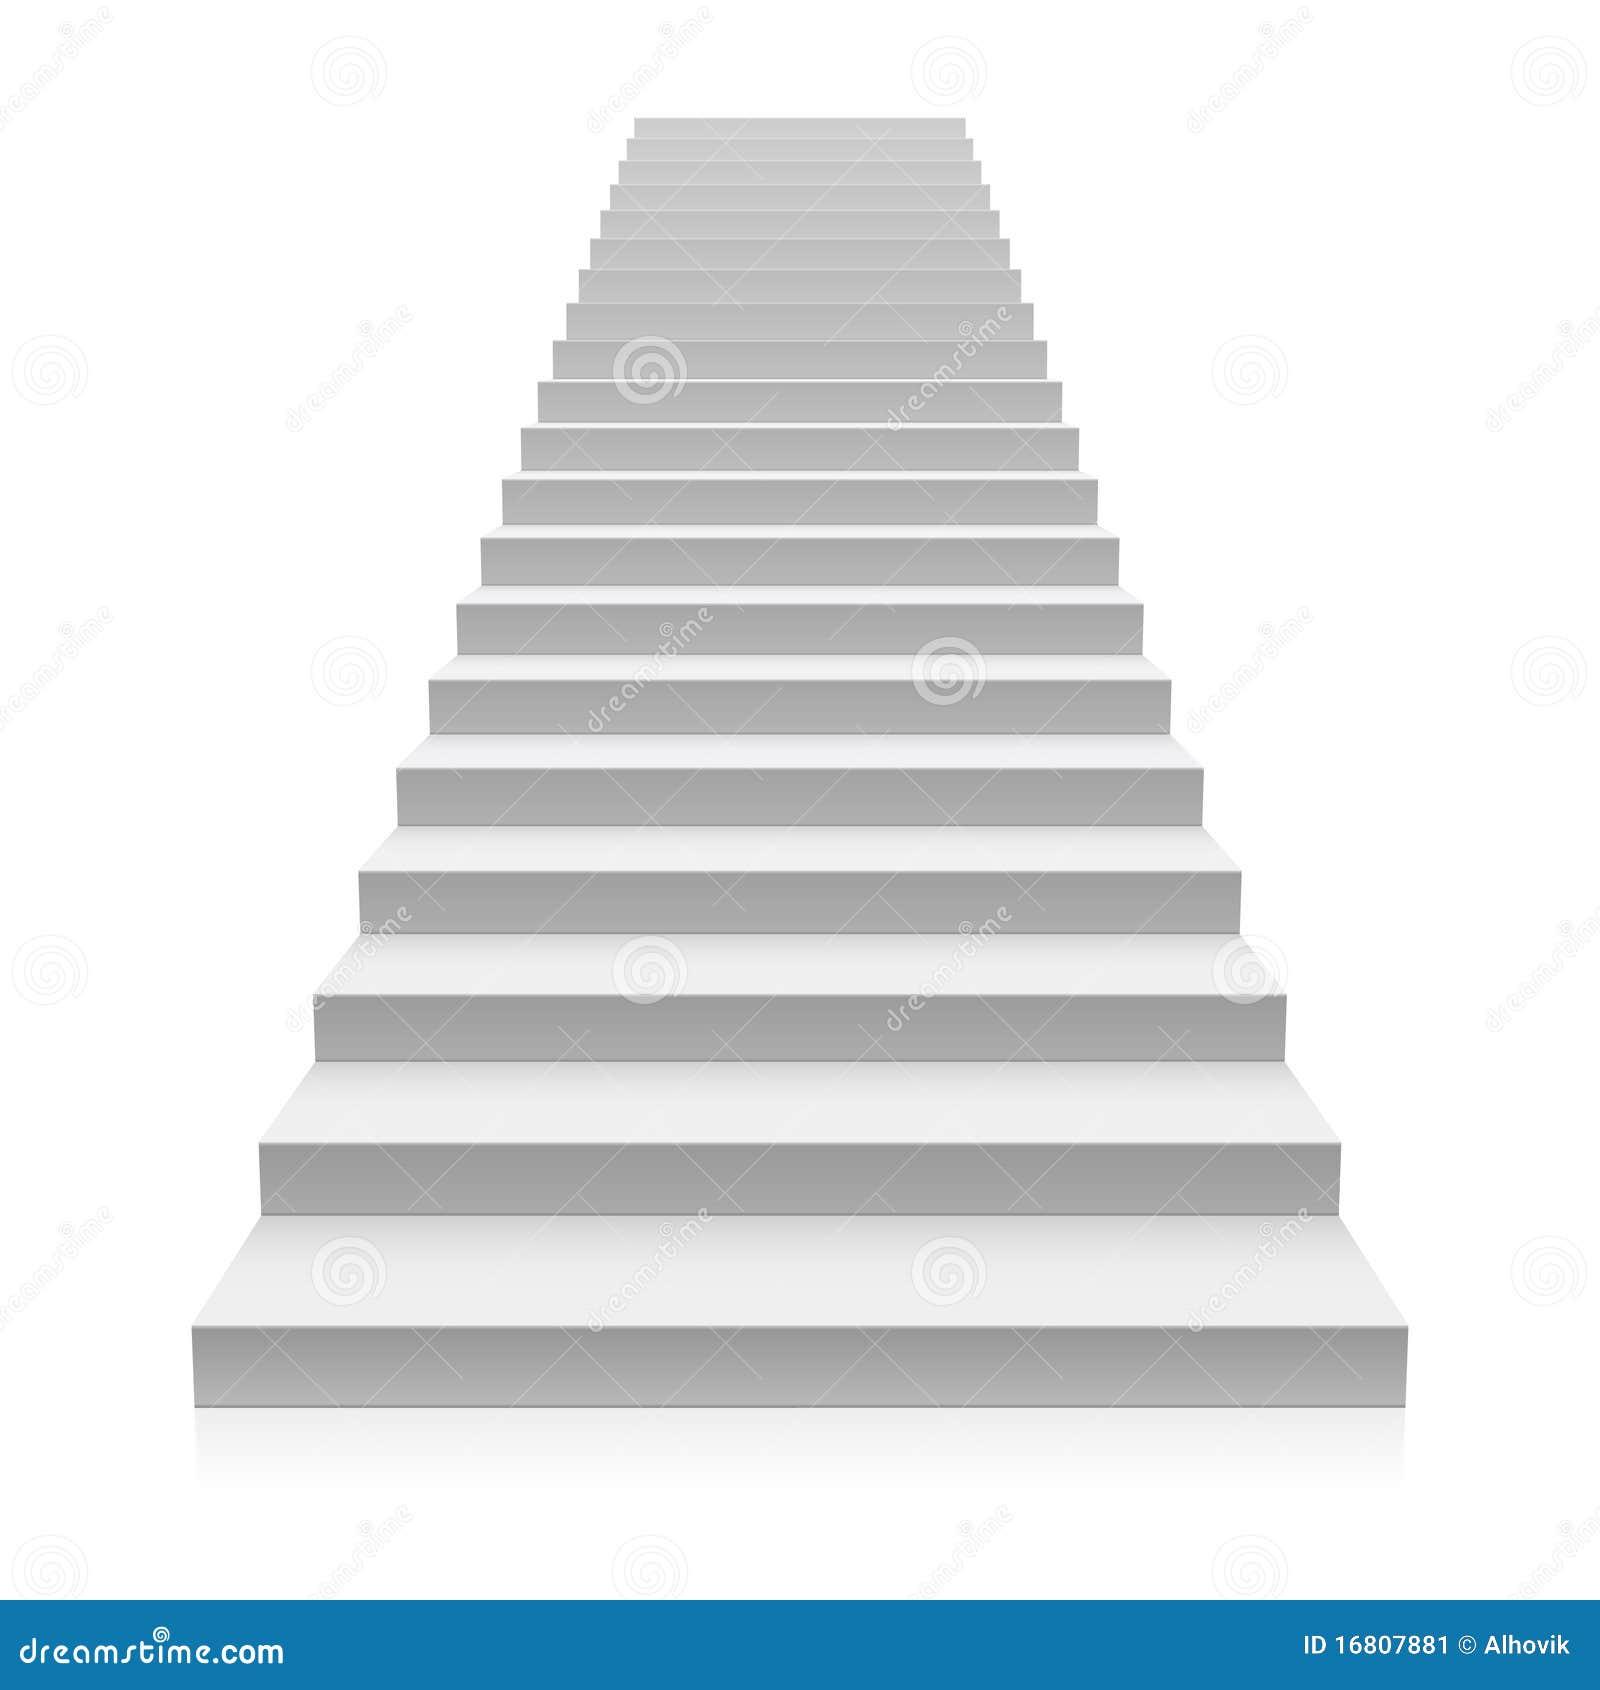 Escalera imagen de archivo imagen 16807881 - Imagenes de escaleras ...